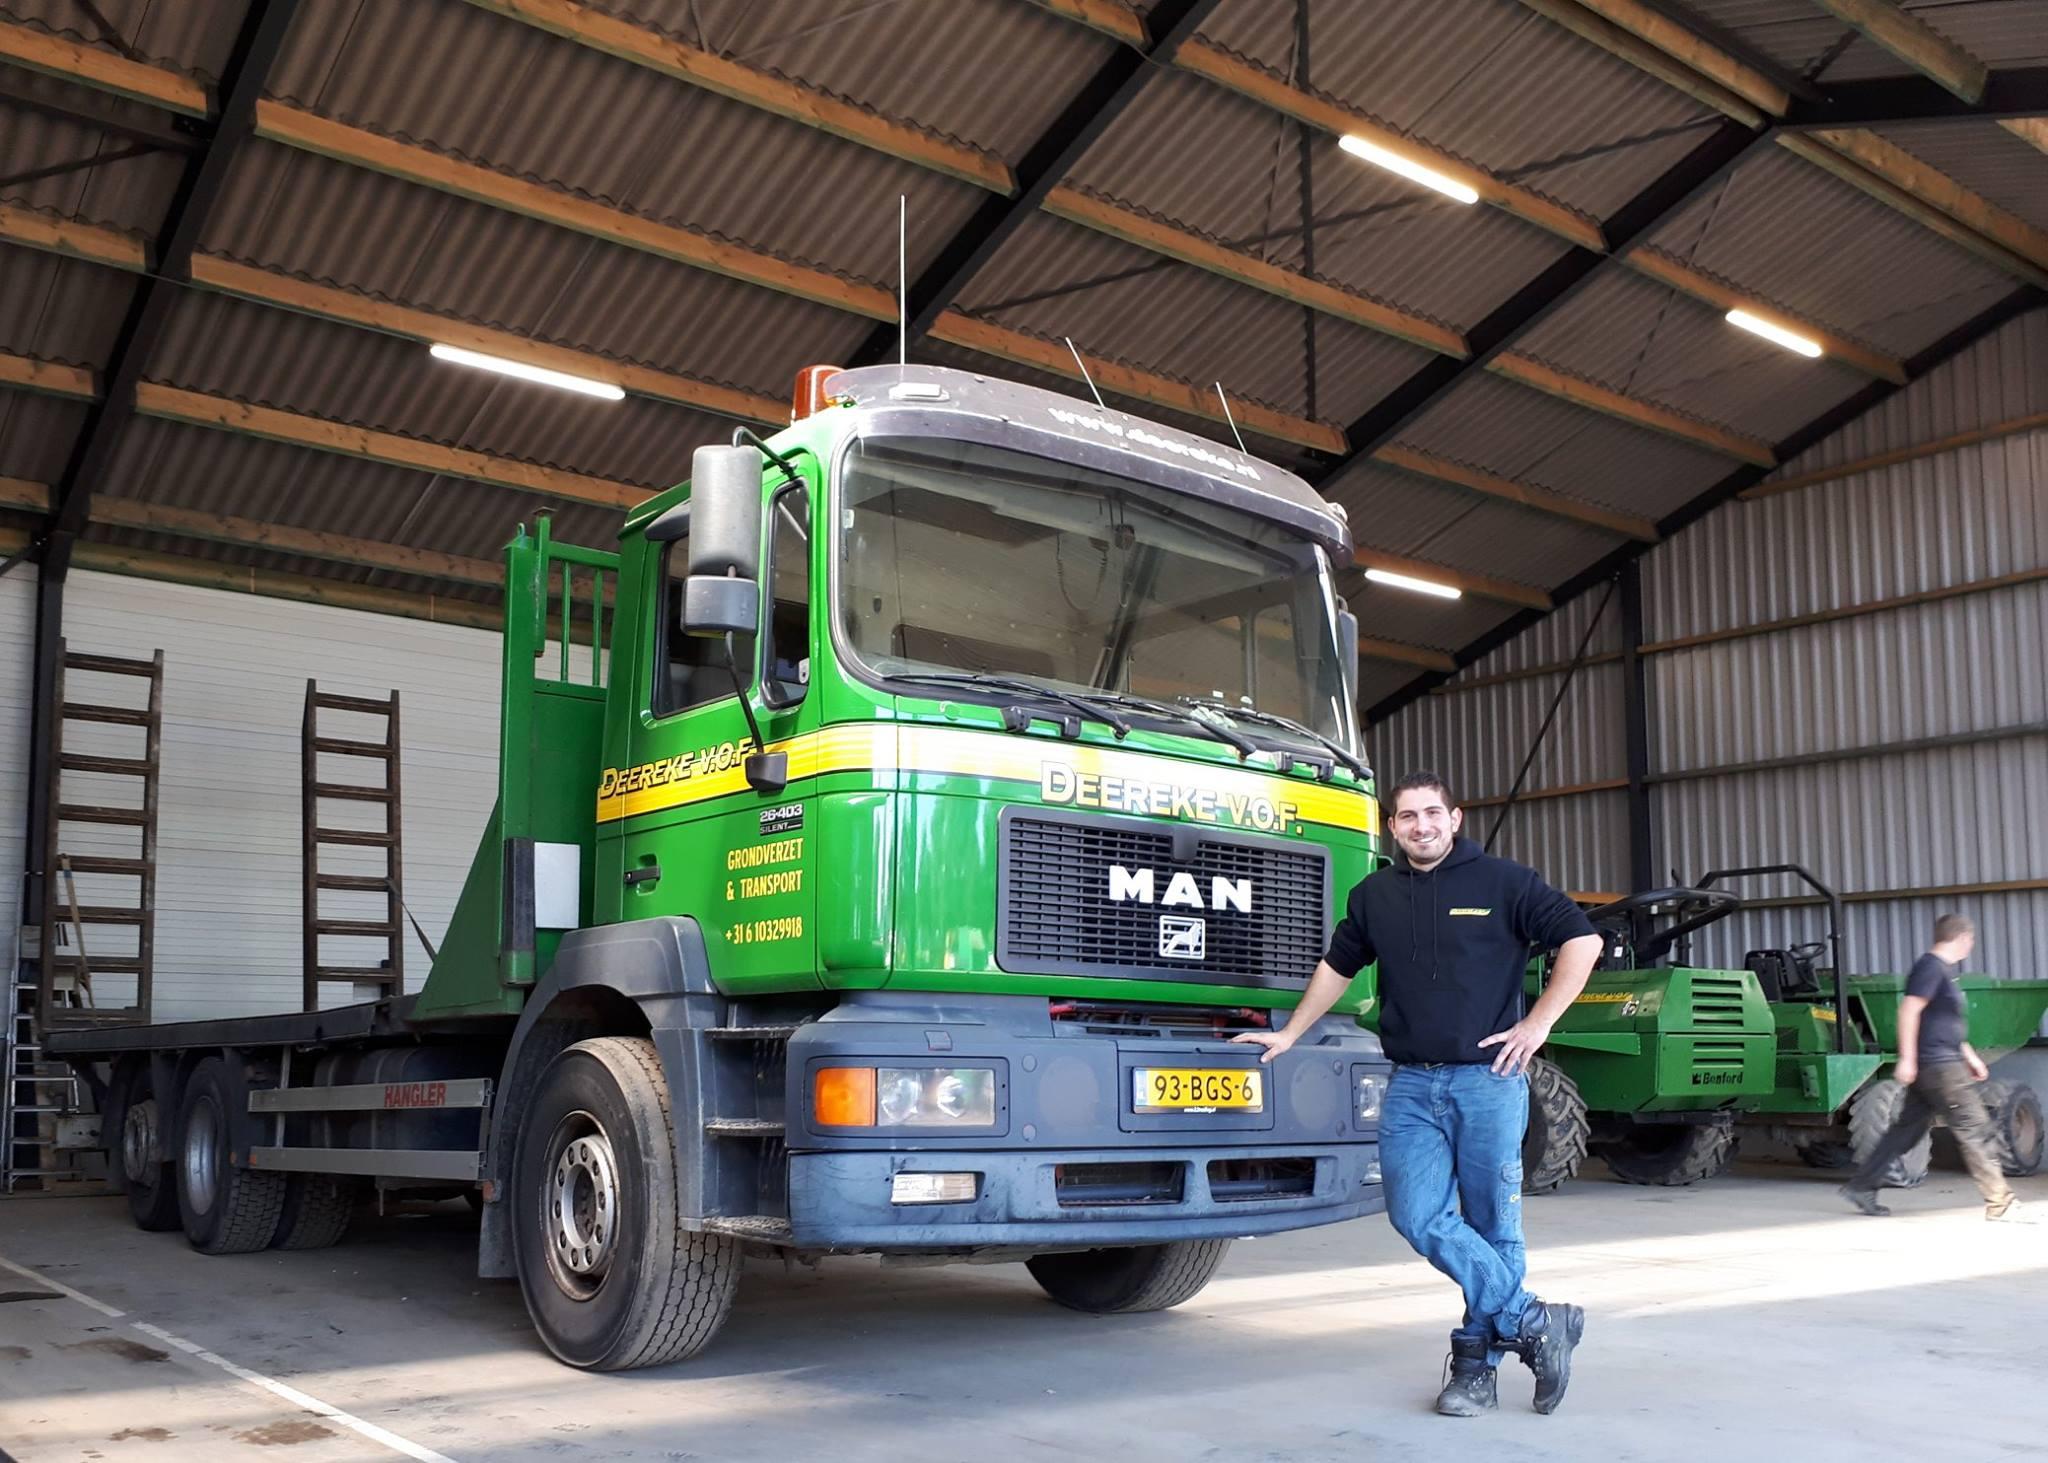 Onze-monteur-mag-vanaf-vandaag-ook-met-onze-vrachtauto-op-pad--In-een-keer-geslaagd-voor-zijn-C--CE-rijbewijs--Proficiat-Gydo--wij-zijn-trots-op-jou